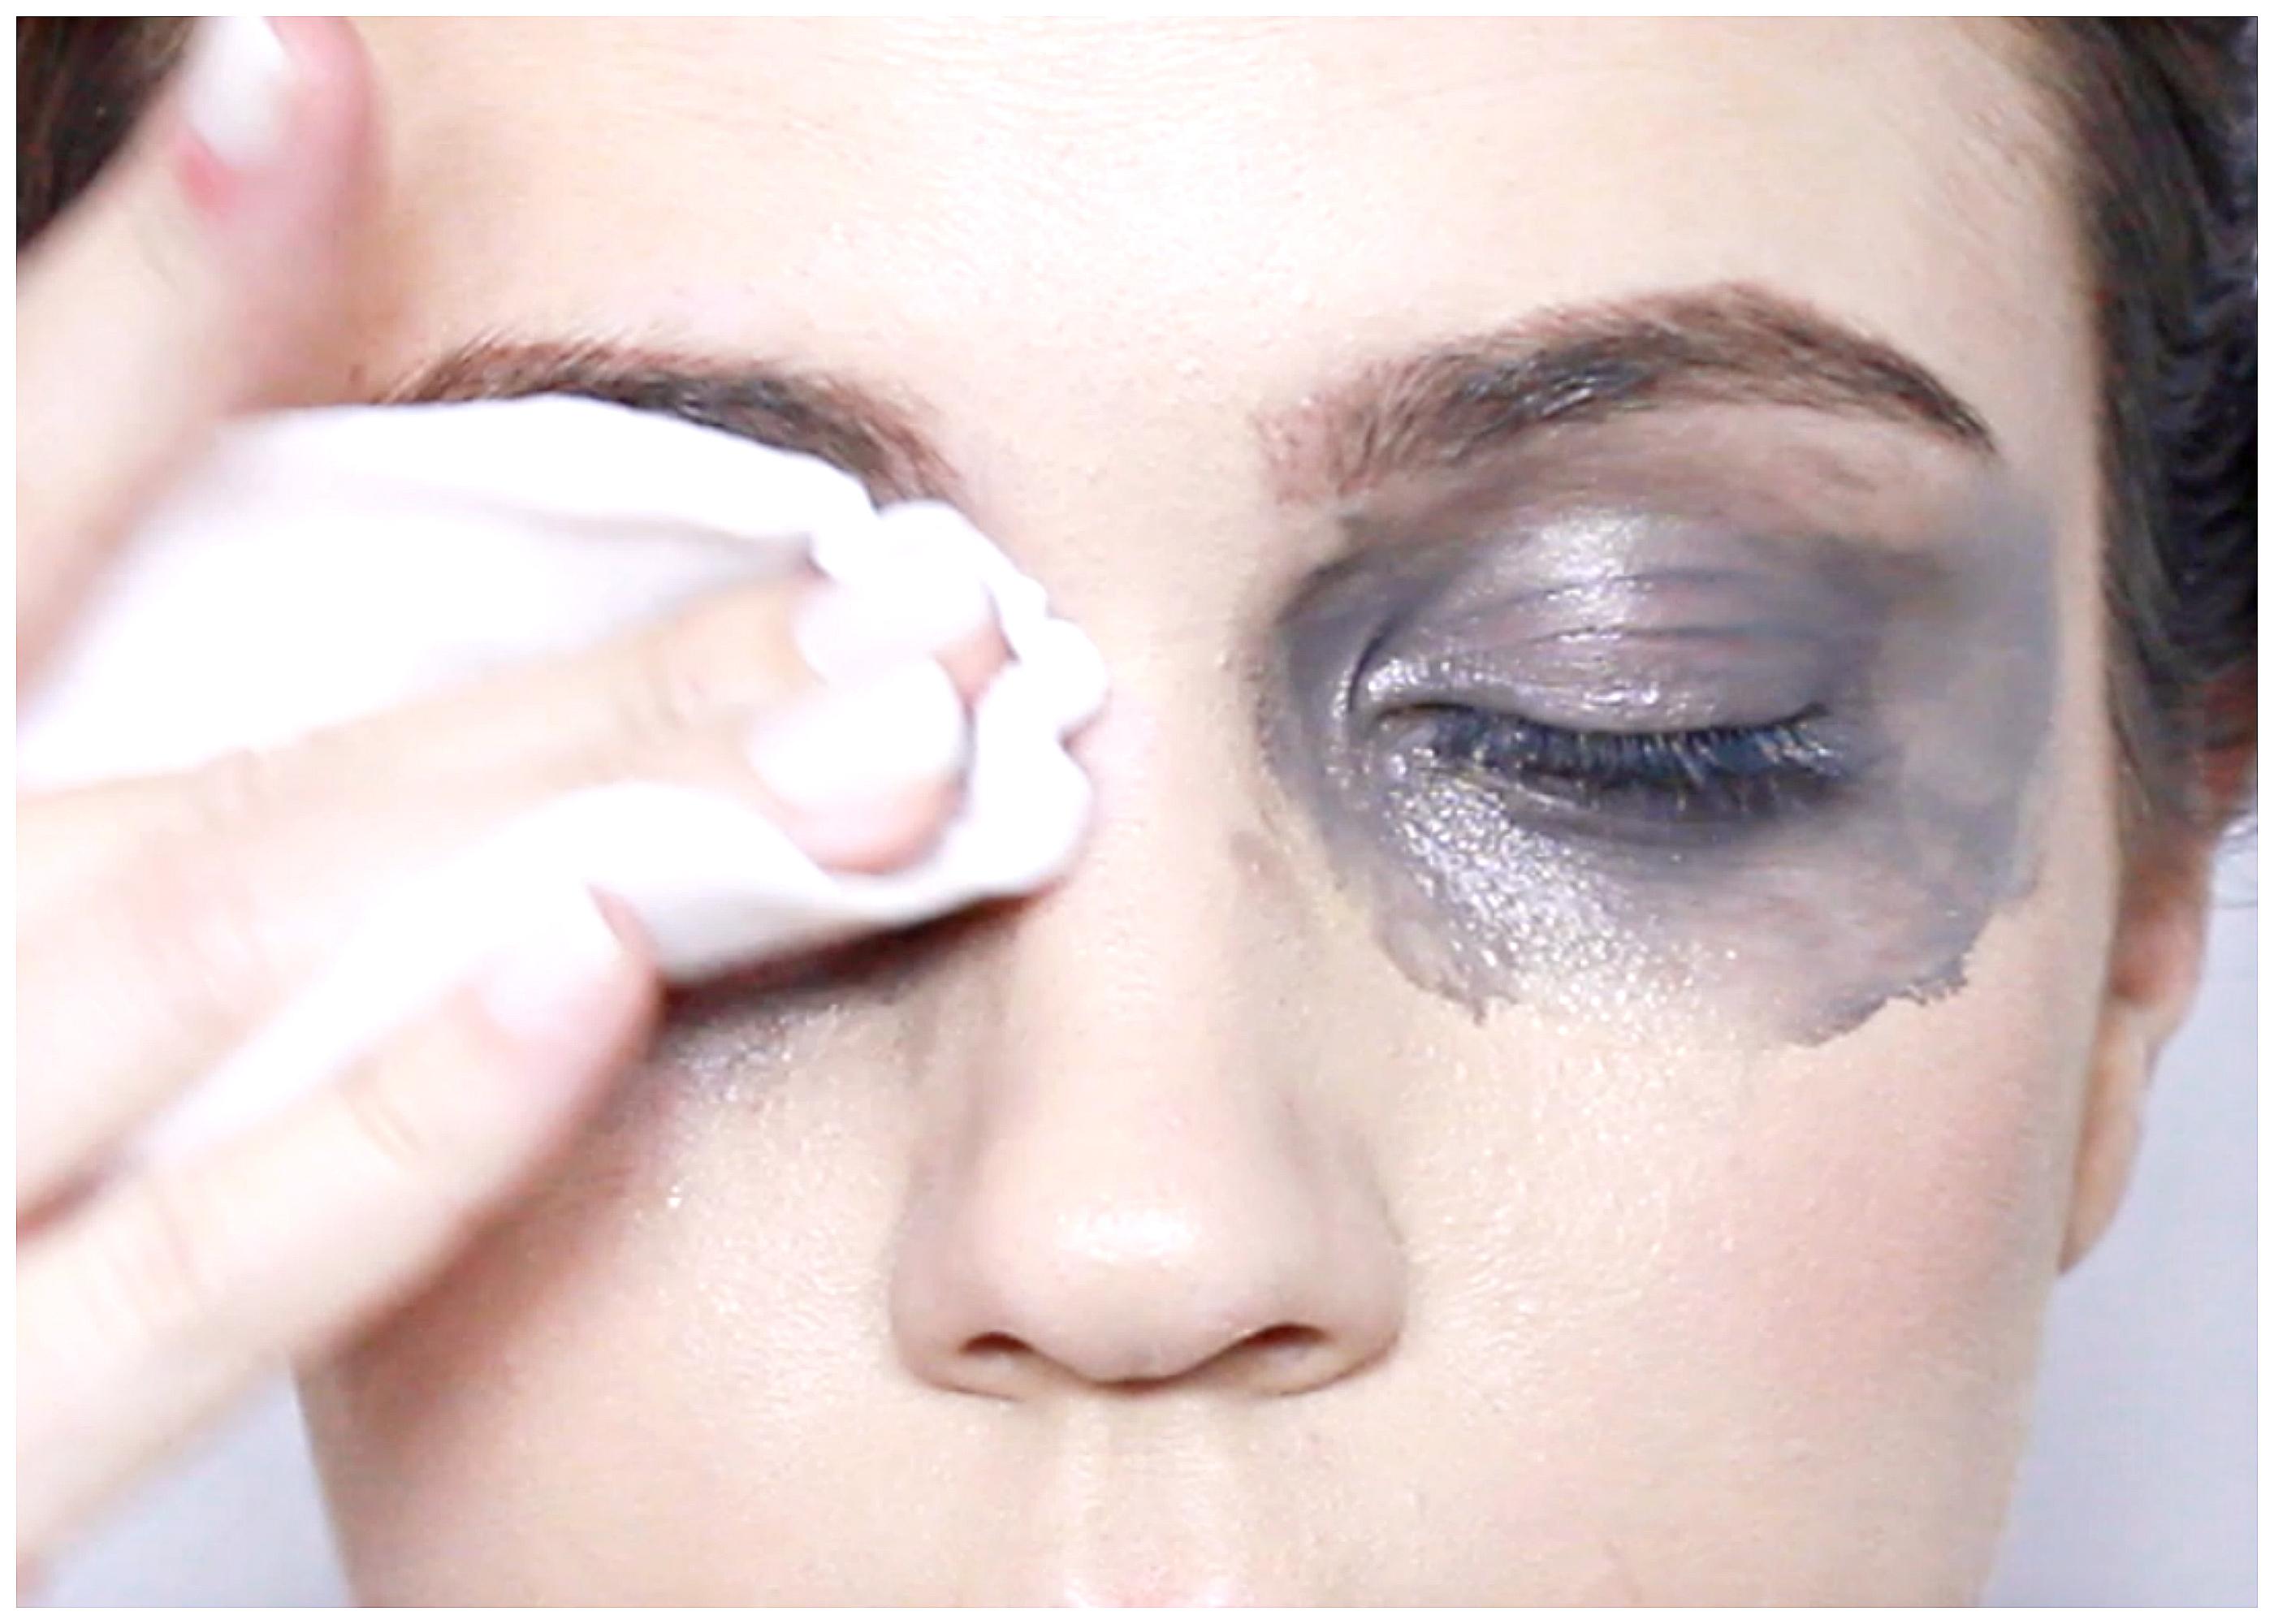 Removing eye makeup